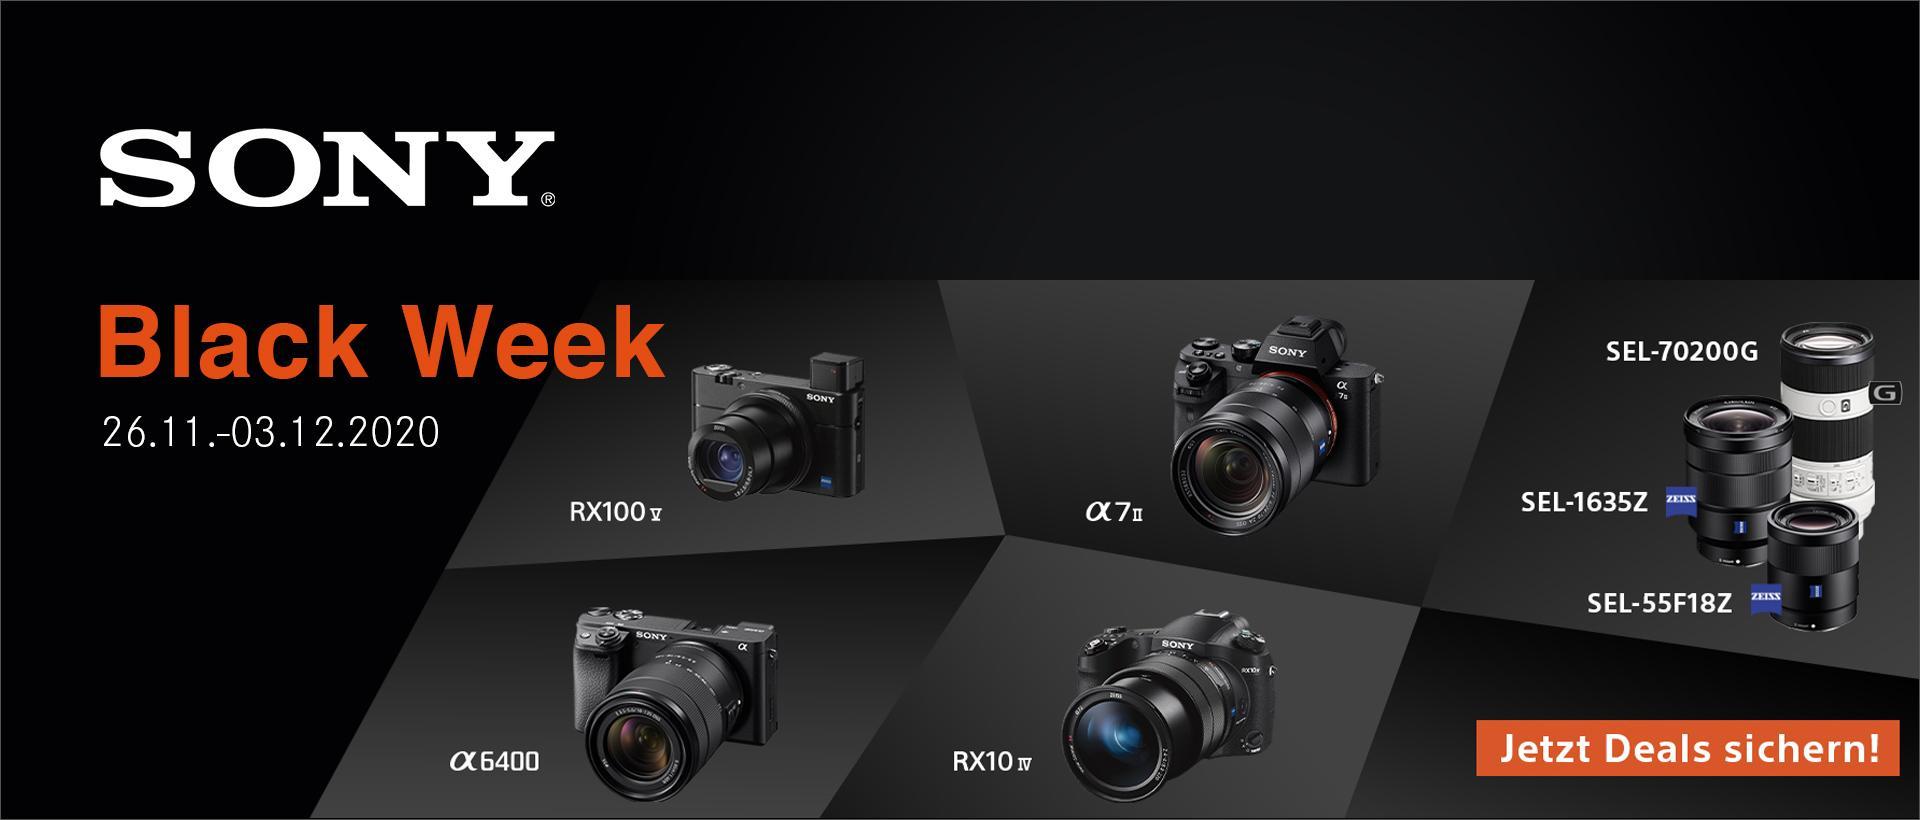 Sony Black Week